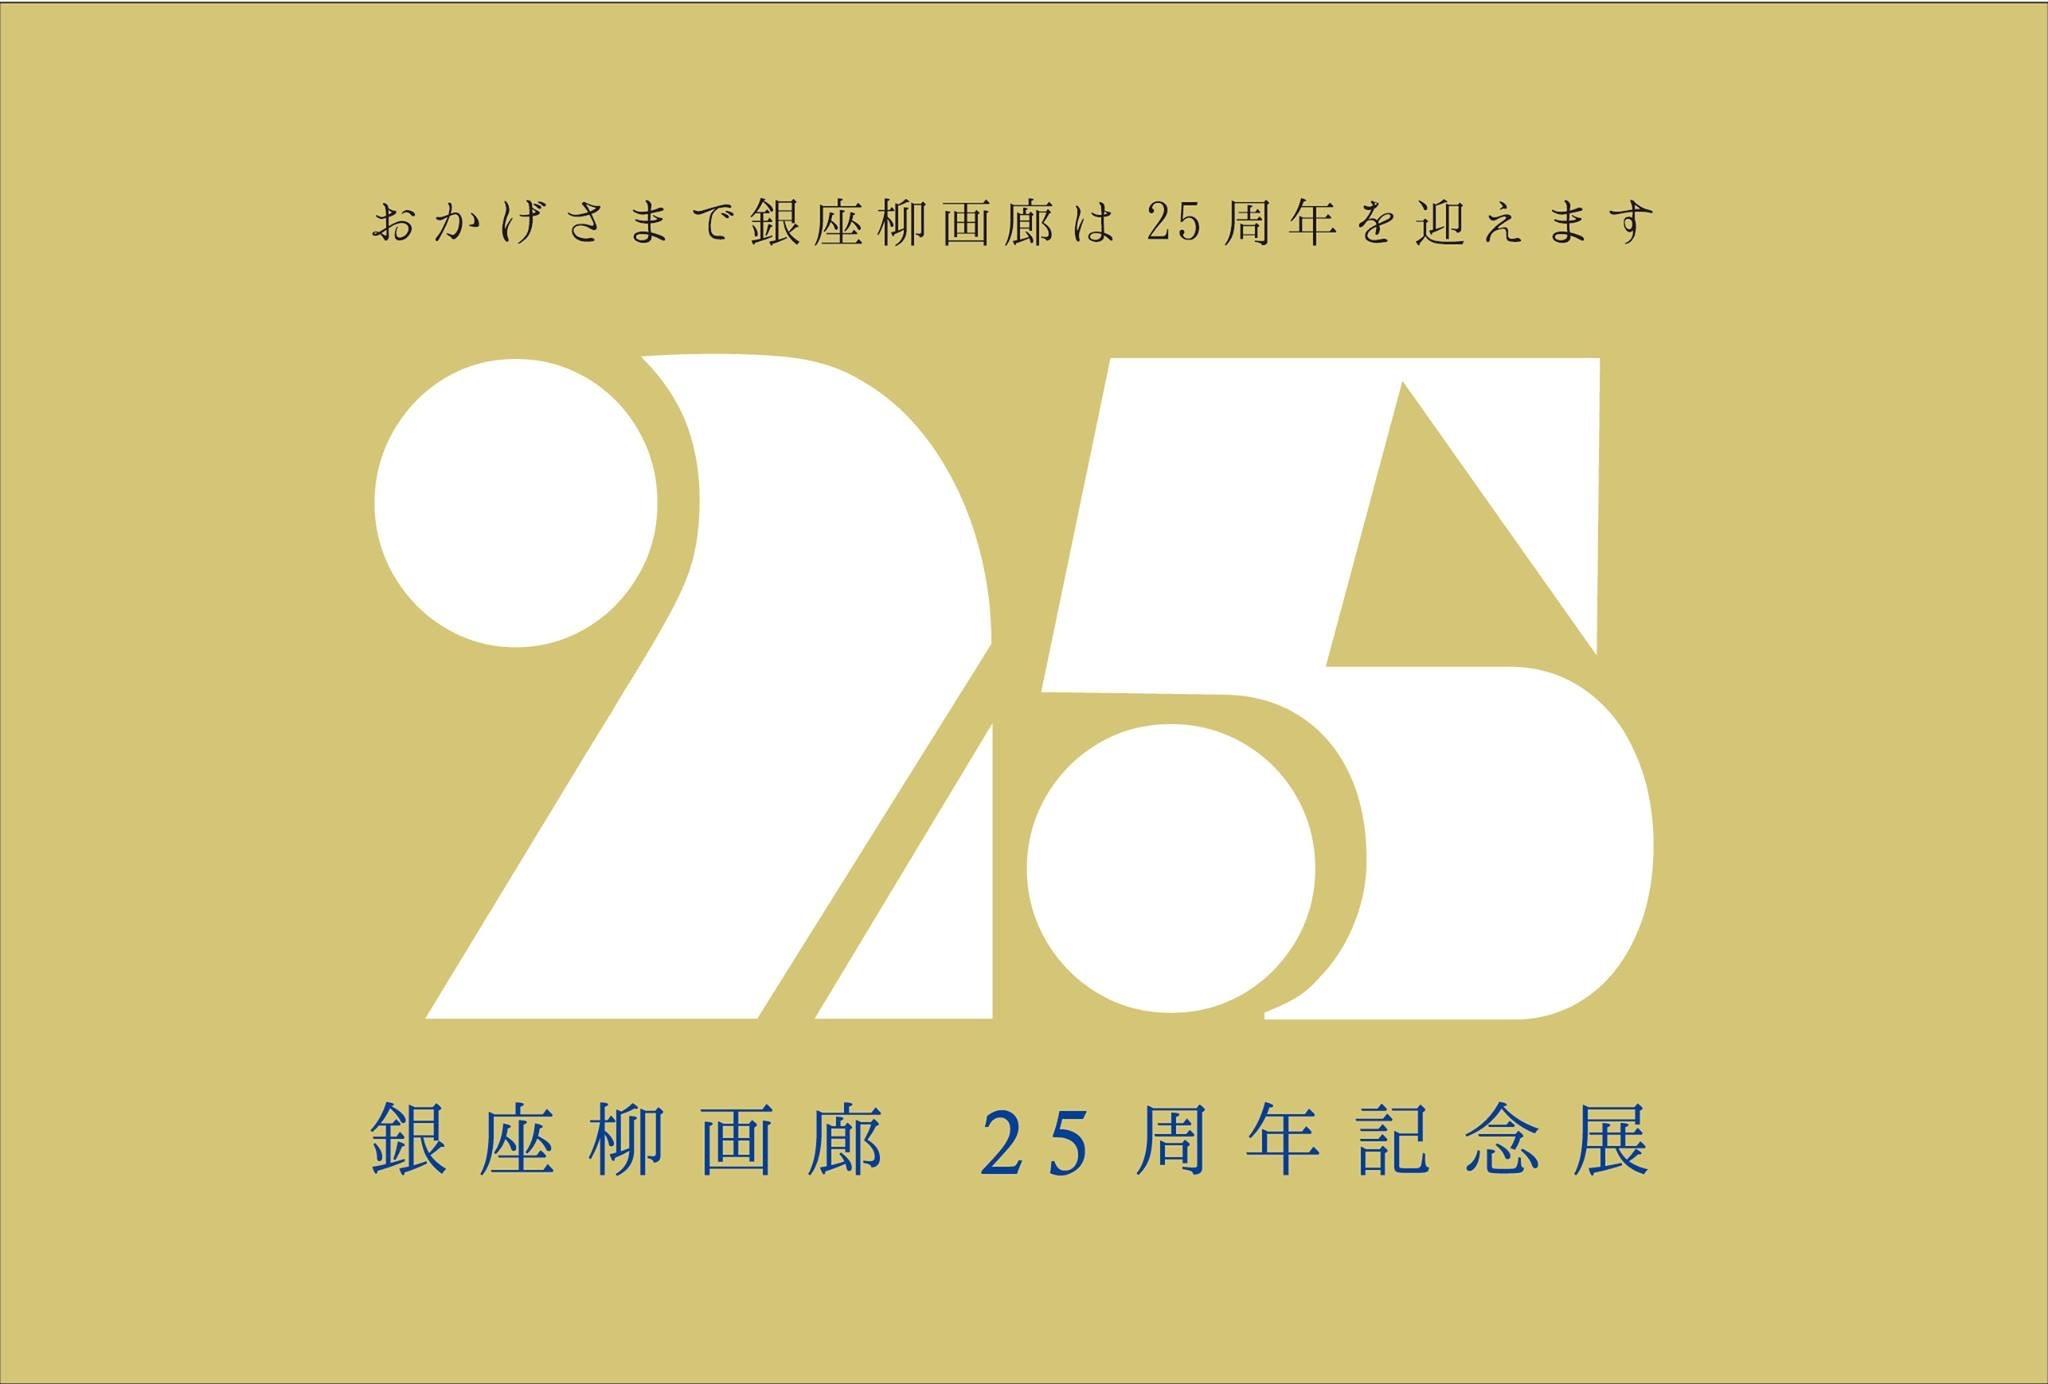 銀座柳画廊25周年記念展_e0105782_16463955.jpeg